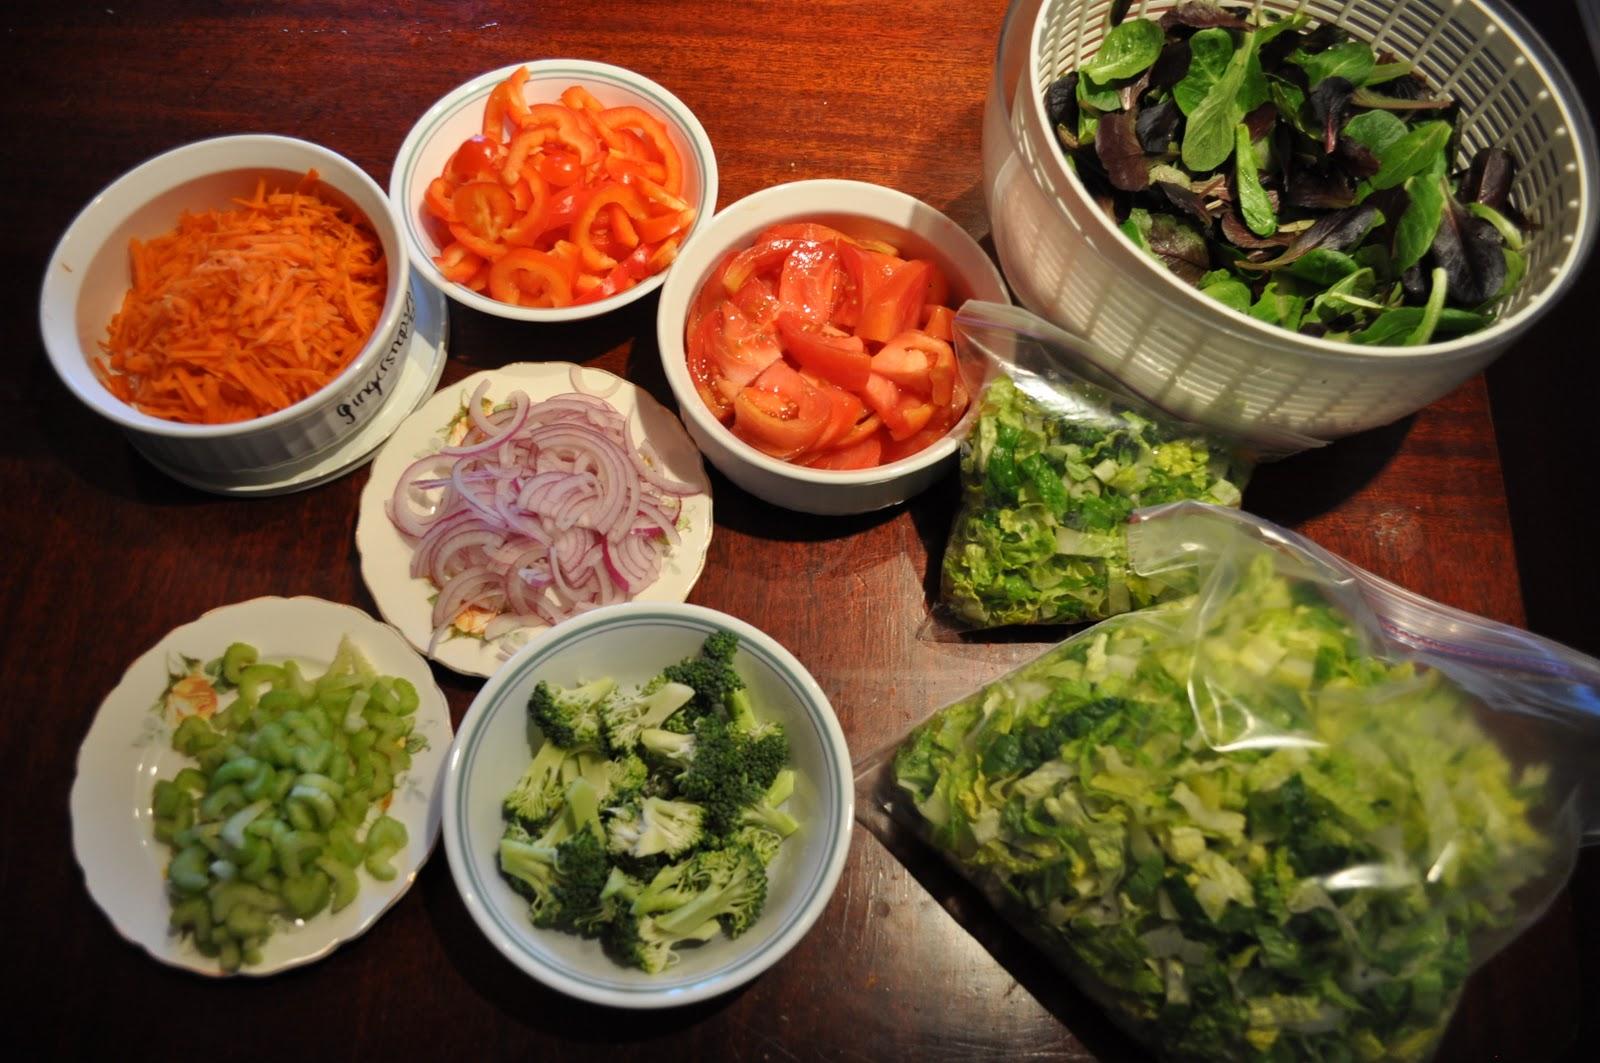 http://3.bp.blogspot.com/-EOAAD-fyR-8/Tx1lg9aftVI/AAAAAAAABVQ/KM1jOZL62sw/s1600/salad+bday+023.JPG